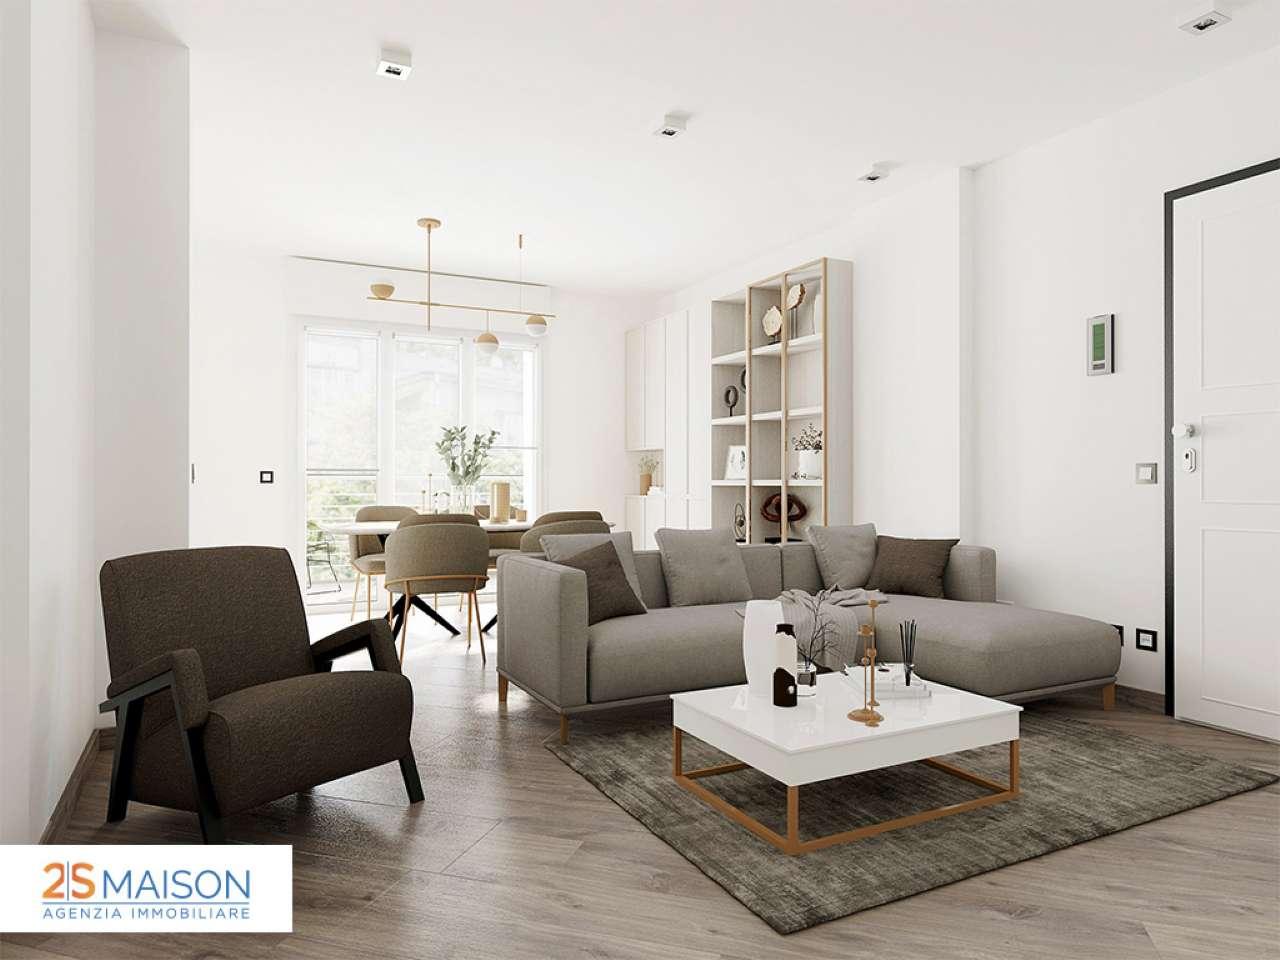 Appartamento in vendita a Santa Margherita Ligure, 4 locali, prezzo € 295.000   PortaleAgenzieImmobiliari.it